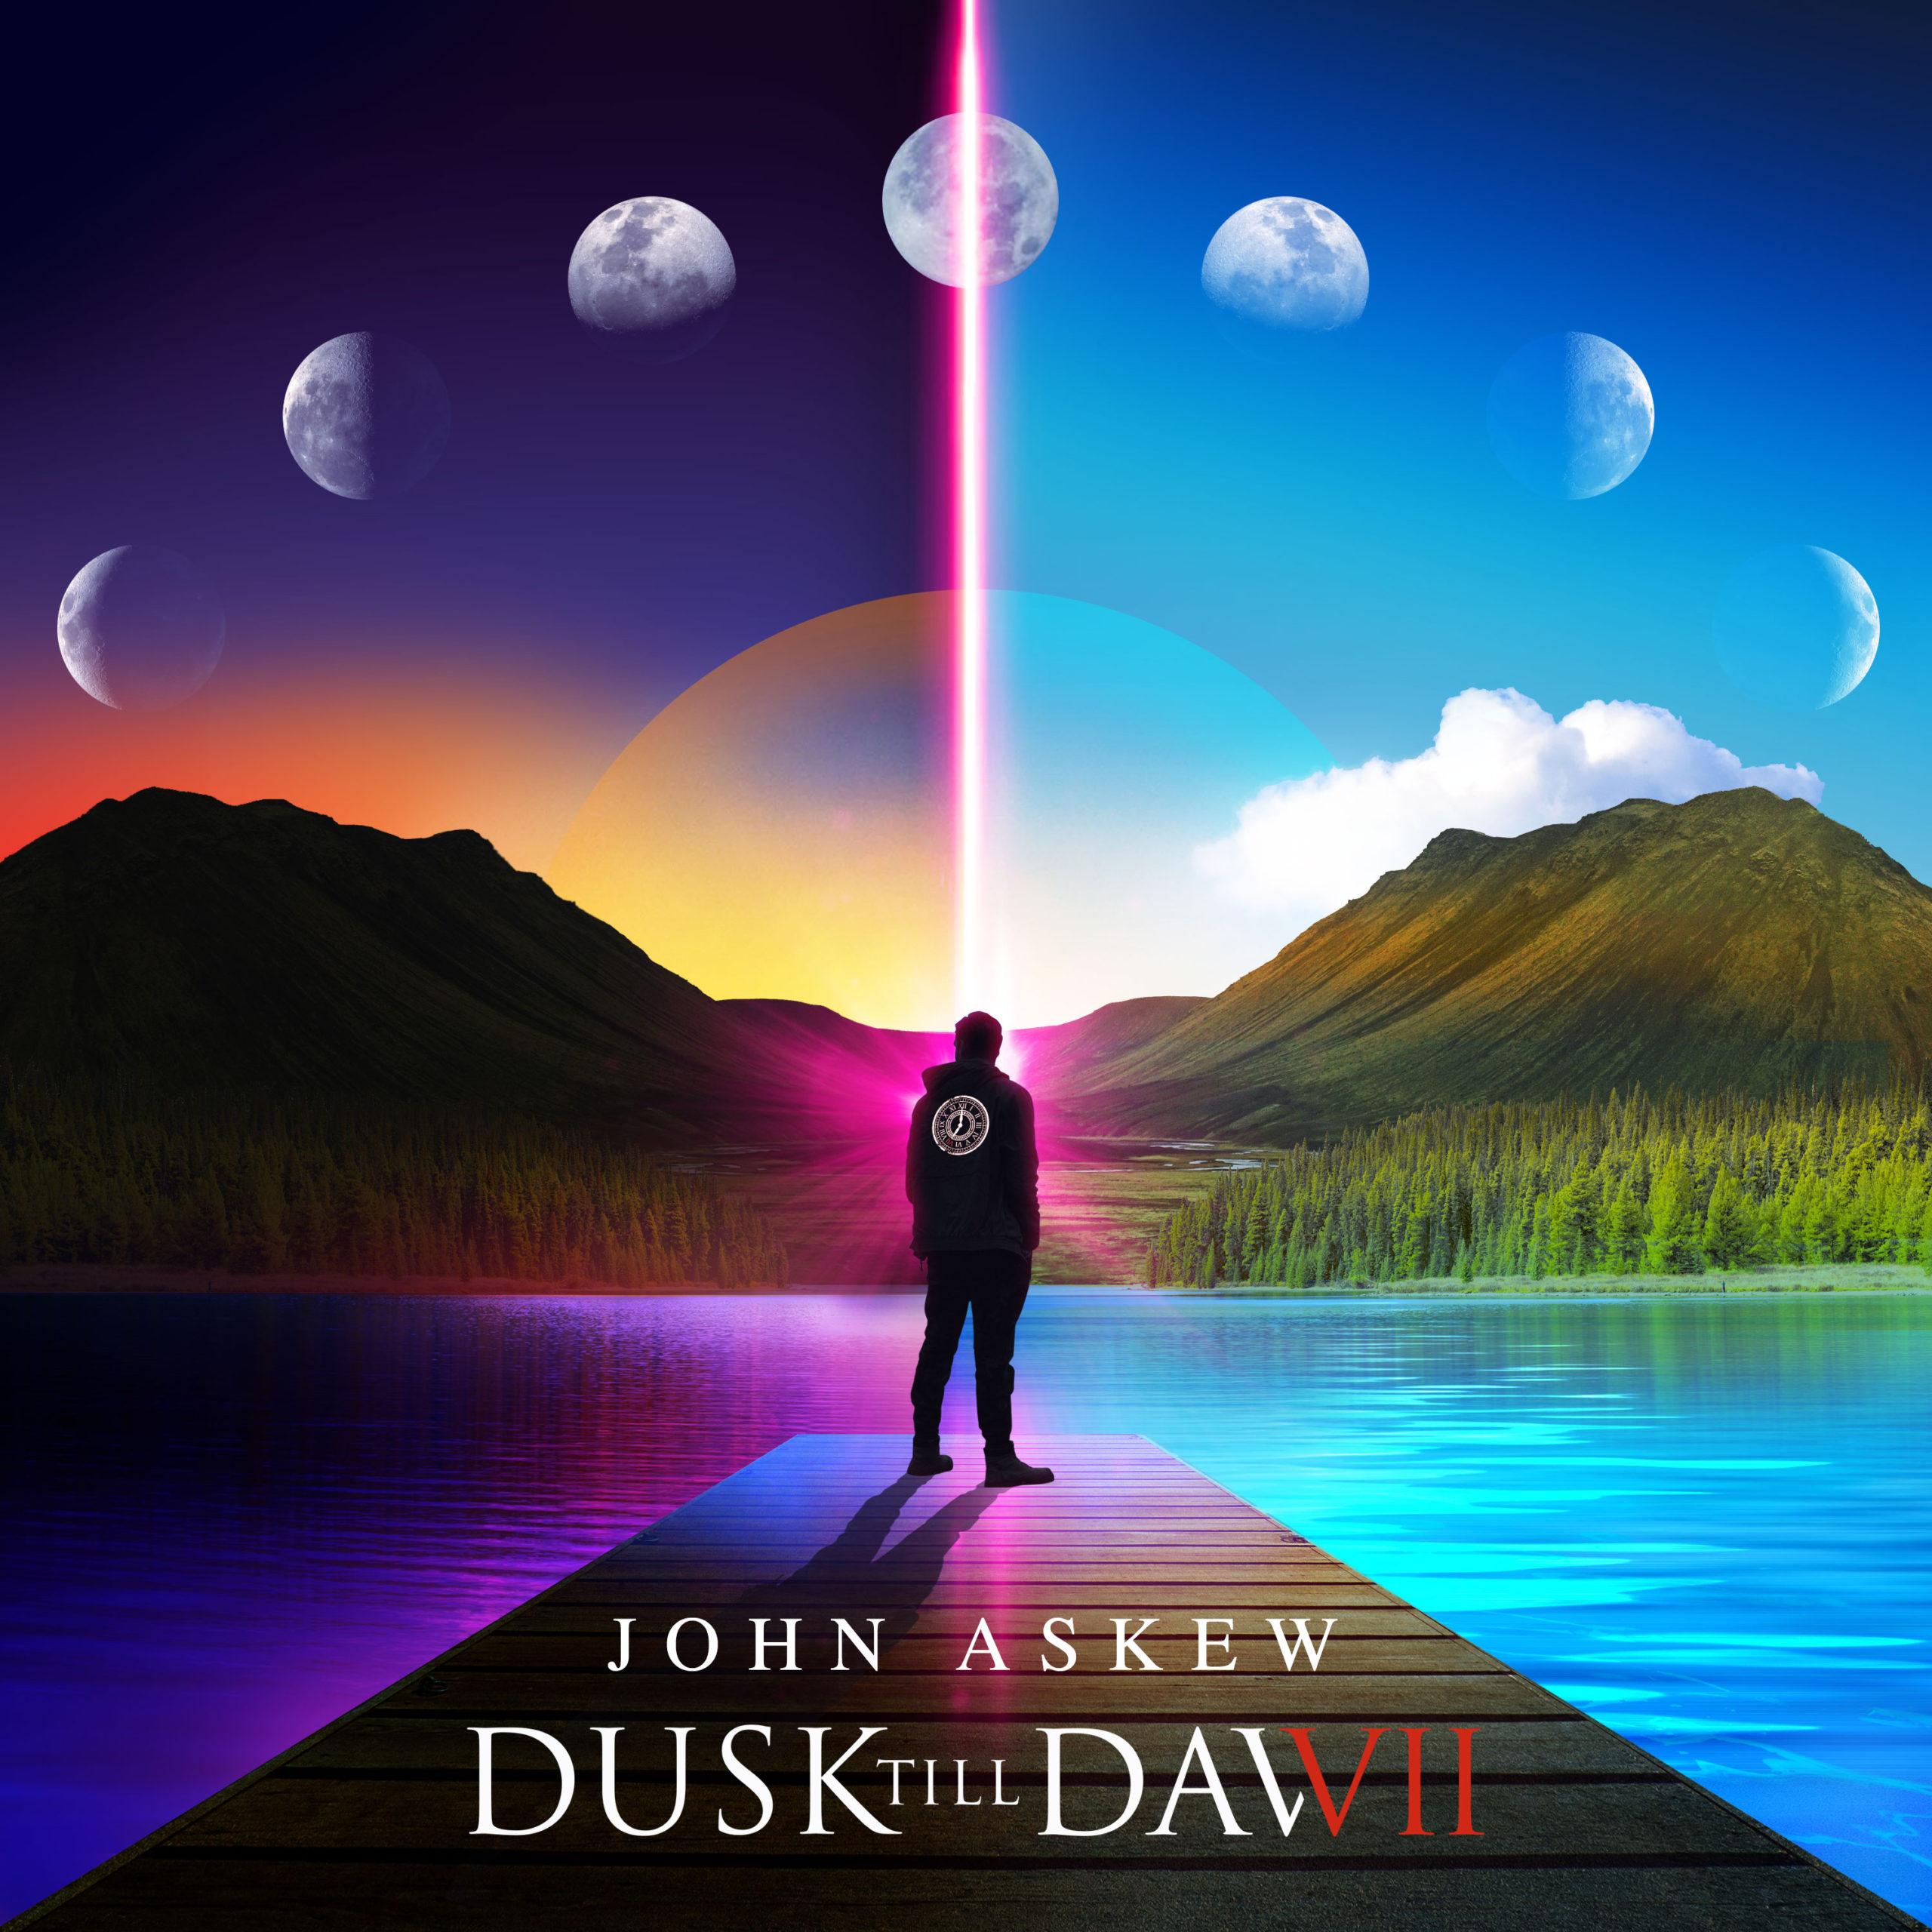 John Askew presents Dusk Till Dawn on VII Records